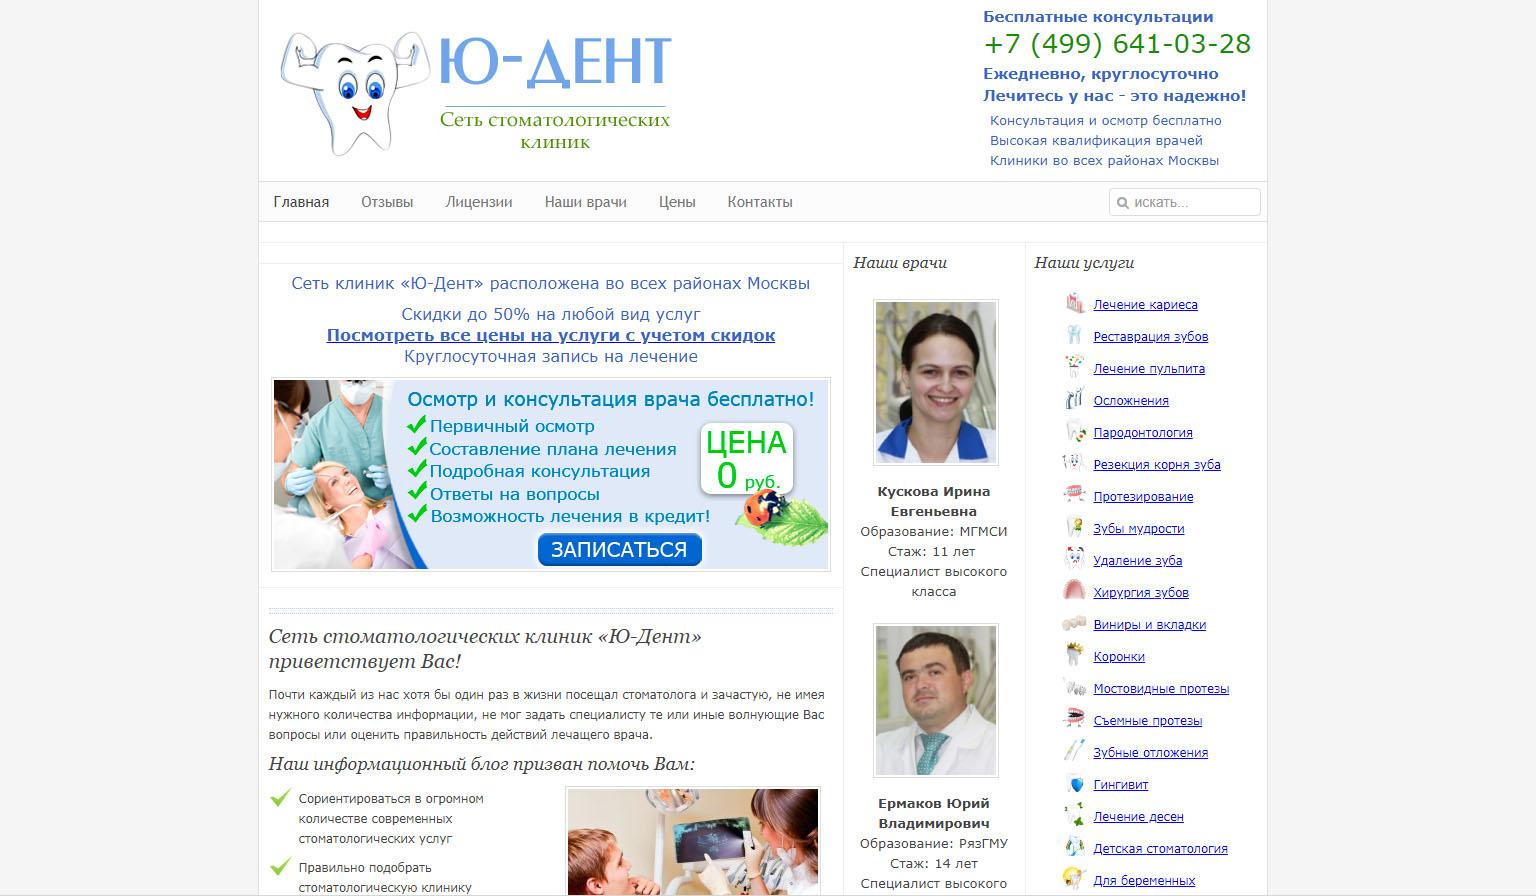 Стоматологическая клиника Ю-Дент